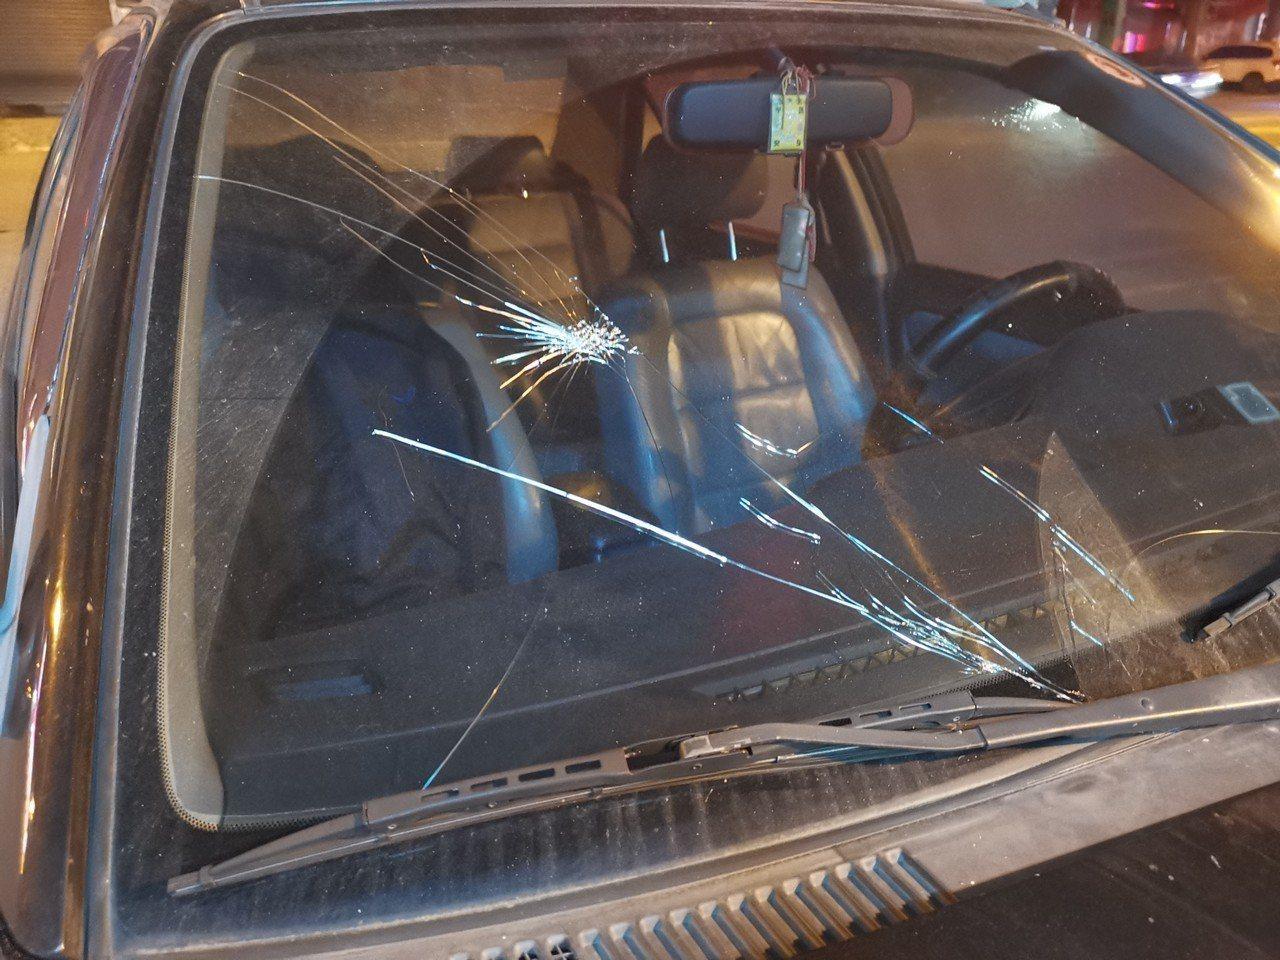 肇事車輛的擋風玻璃留下撞擊當下的痕跡。記者巫鴻瑋/翻攝